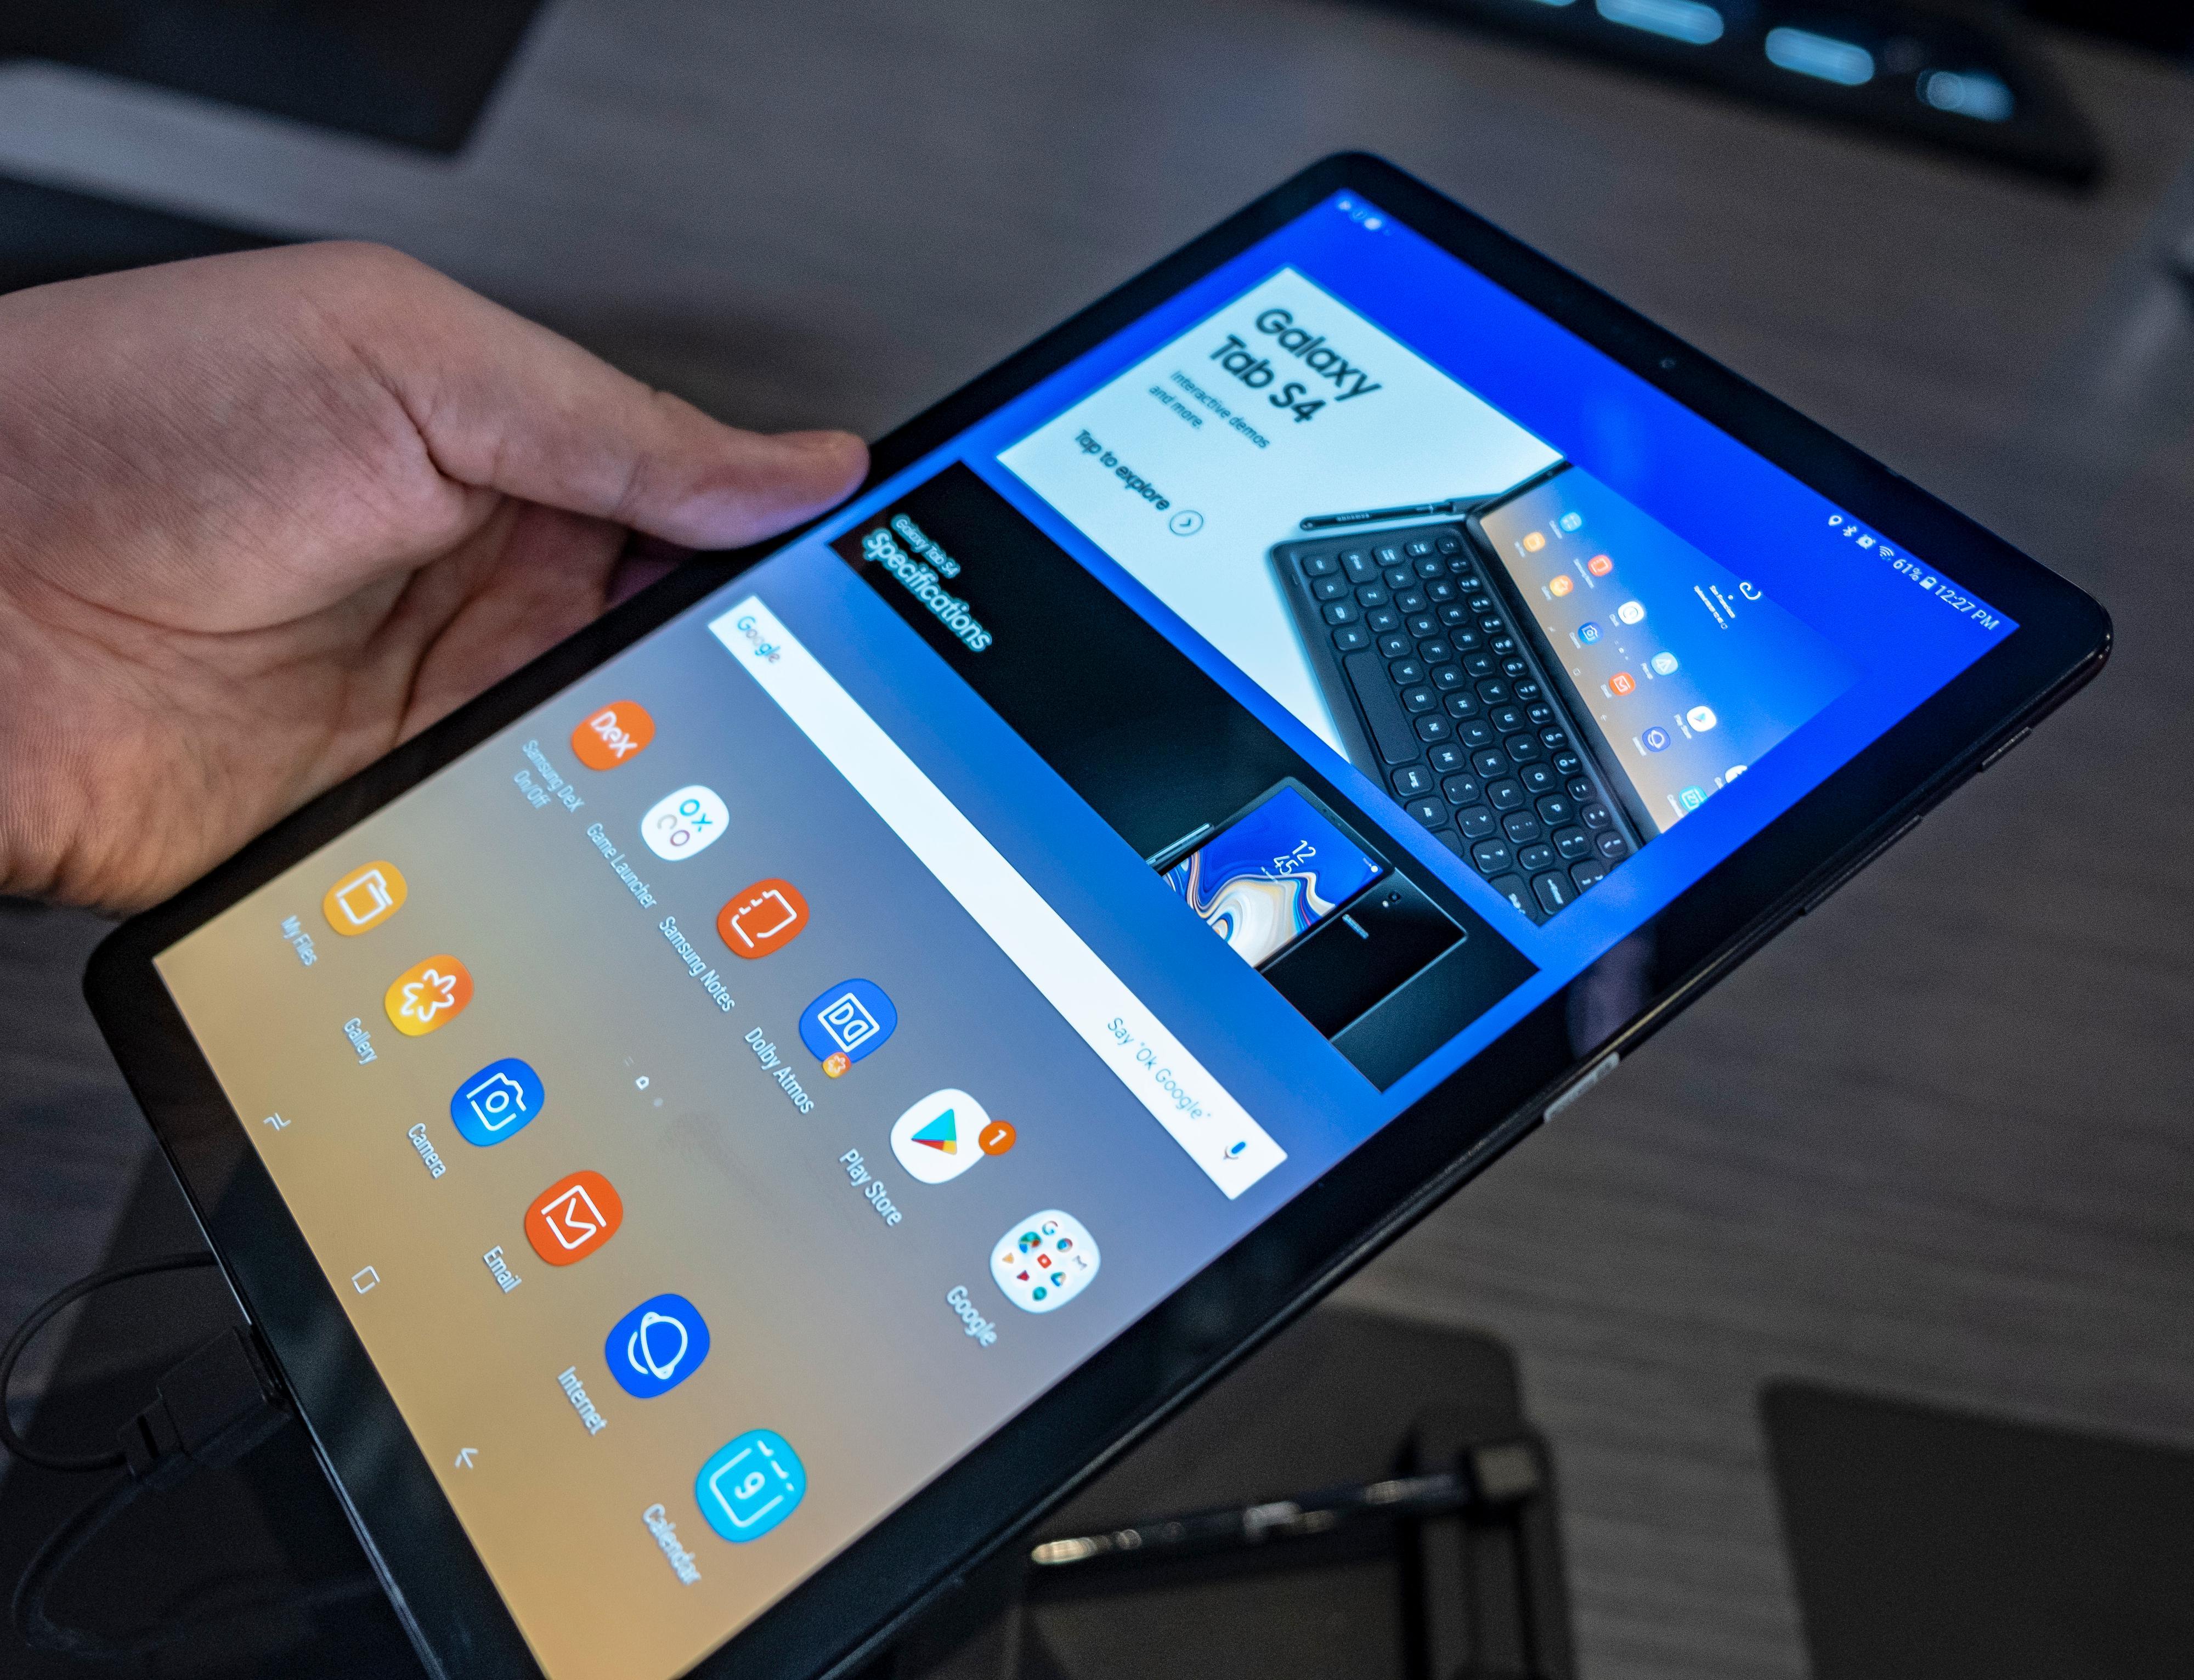 Det er selvsagt ingneting i veien for å bruke Tab S4 med de vanlige Samsung-/Android-menyene.